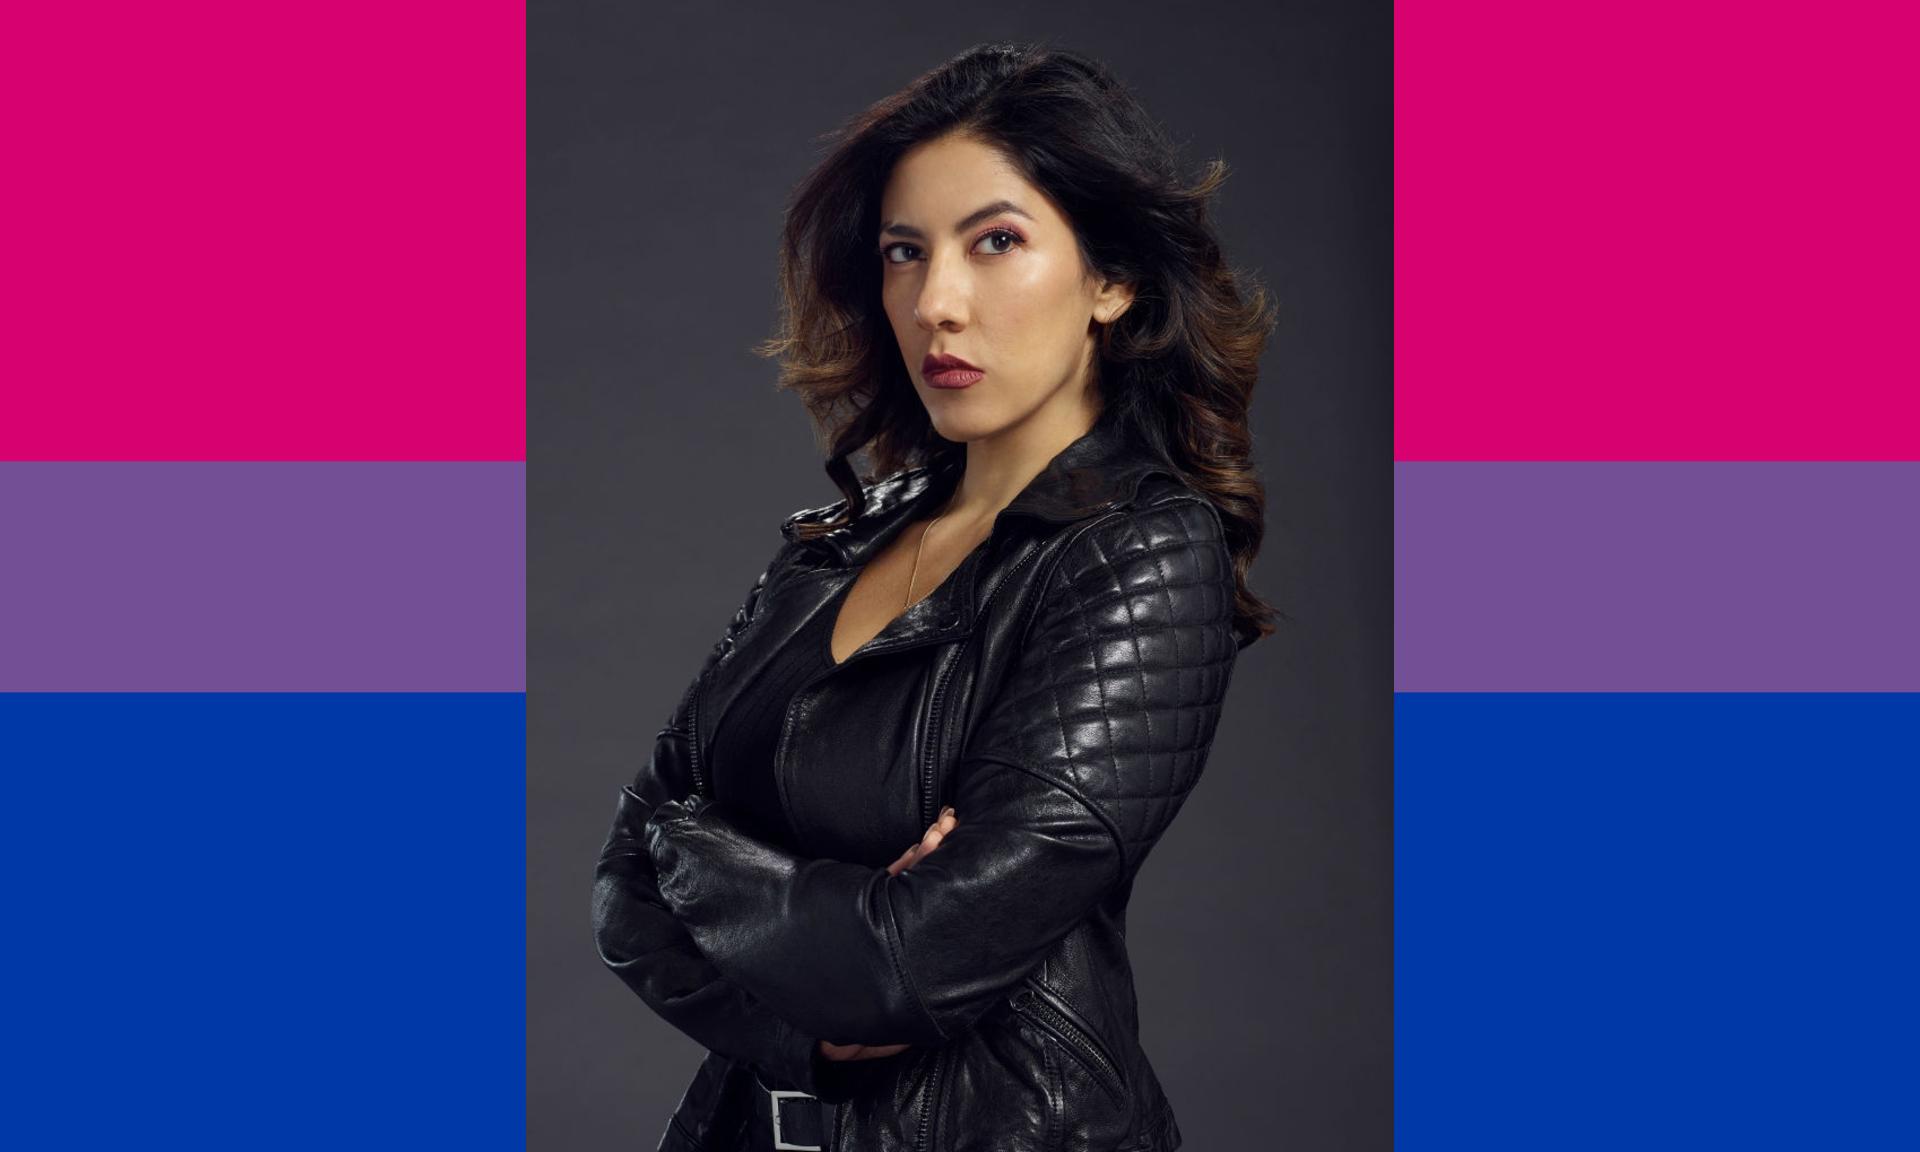 personajes bisexuales en series